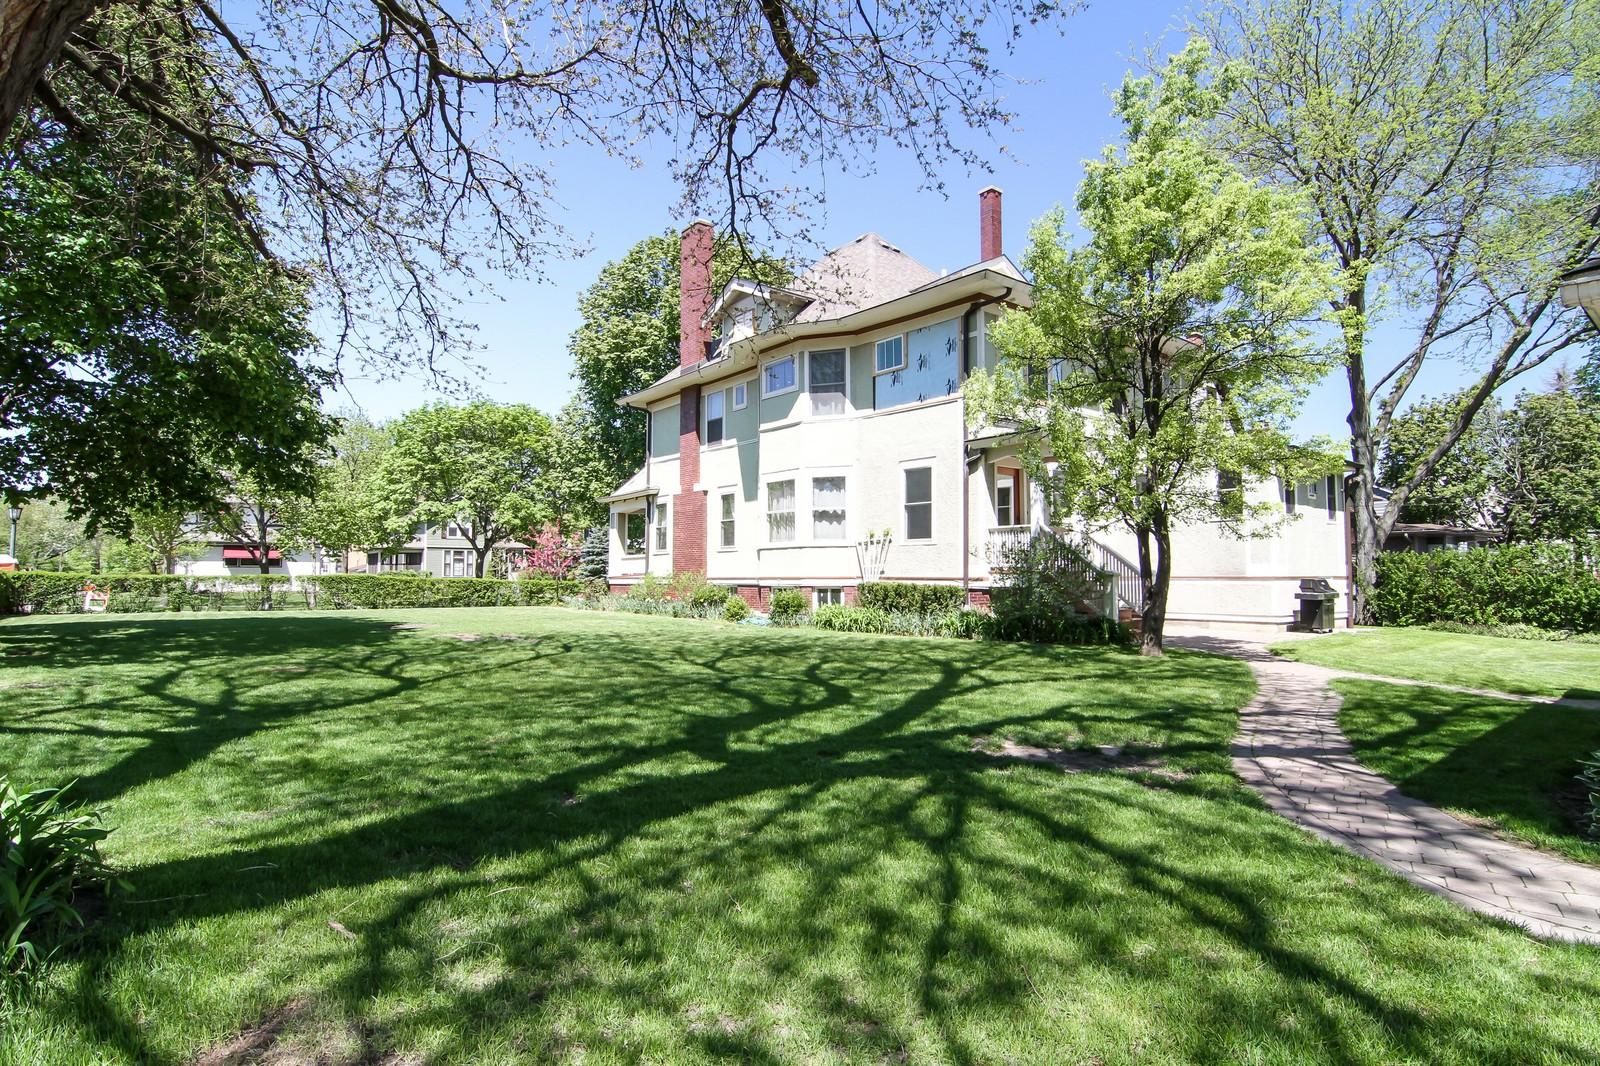 Real Estate Photography - 239 6th Avenue, La Grange, IL, 60525 - Side View